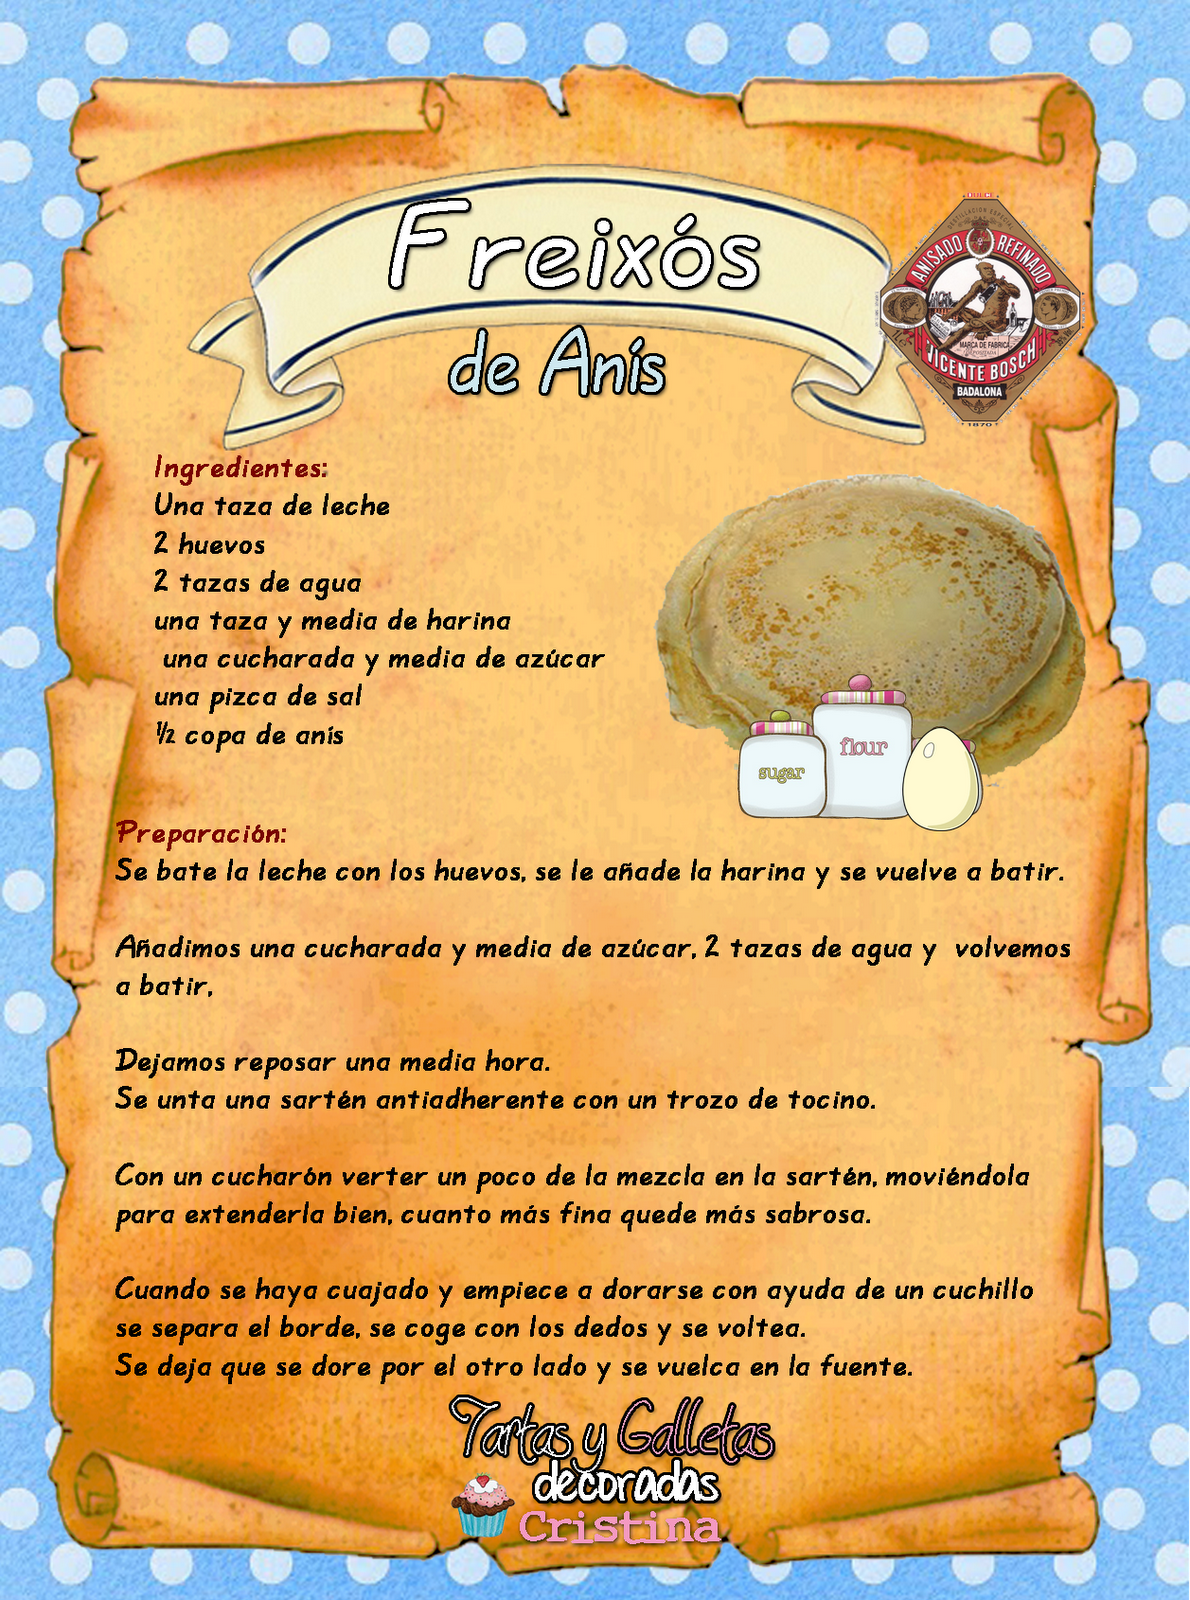 Freixós+de+Anís.png (1190×1600)